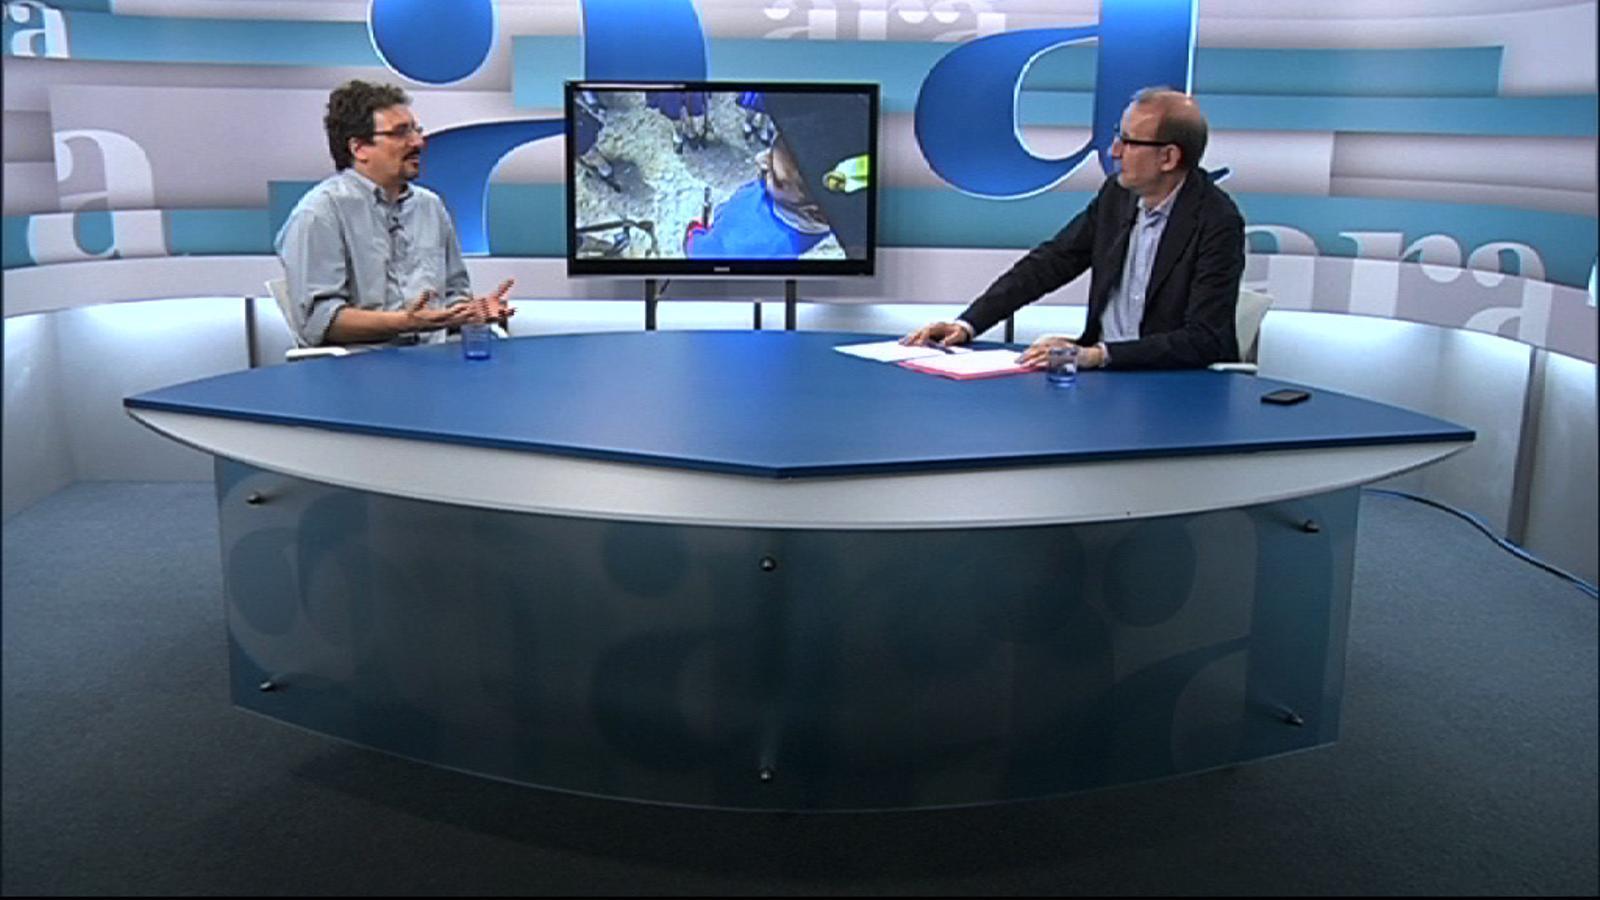 Entrevista d'Antoni Bassas a Albert Sánchez Piñol, per 'Ara TV Premium'